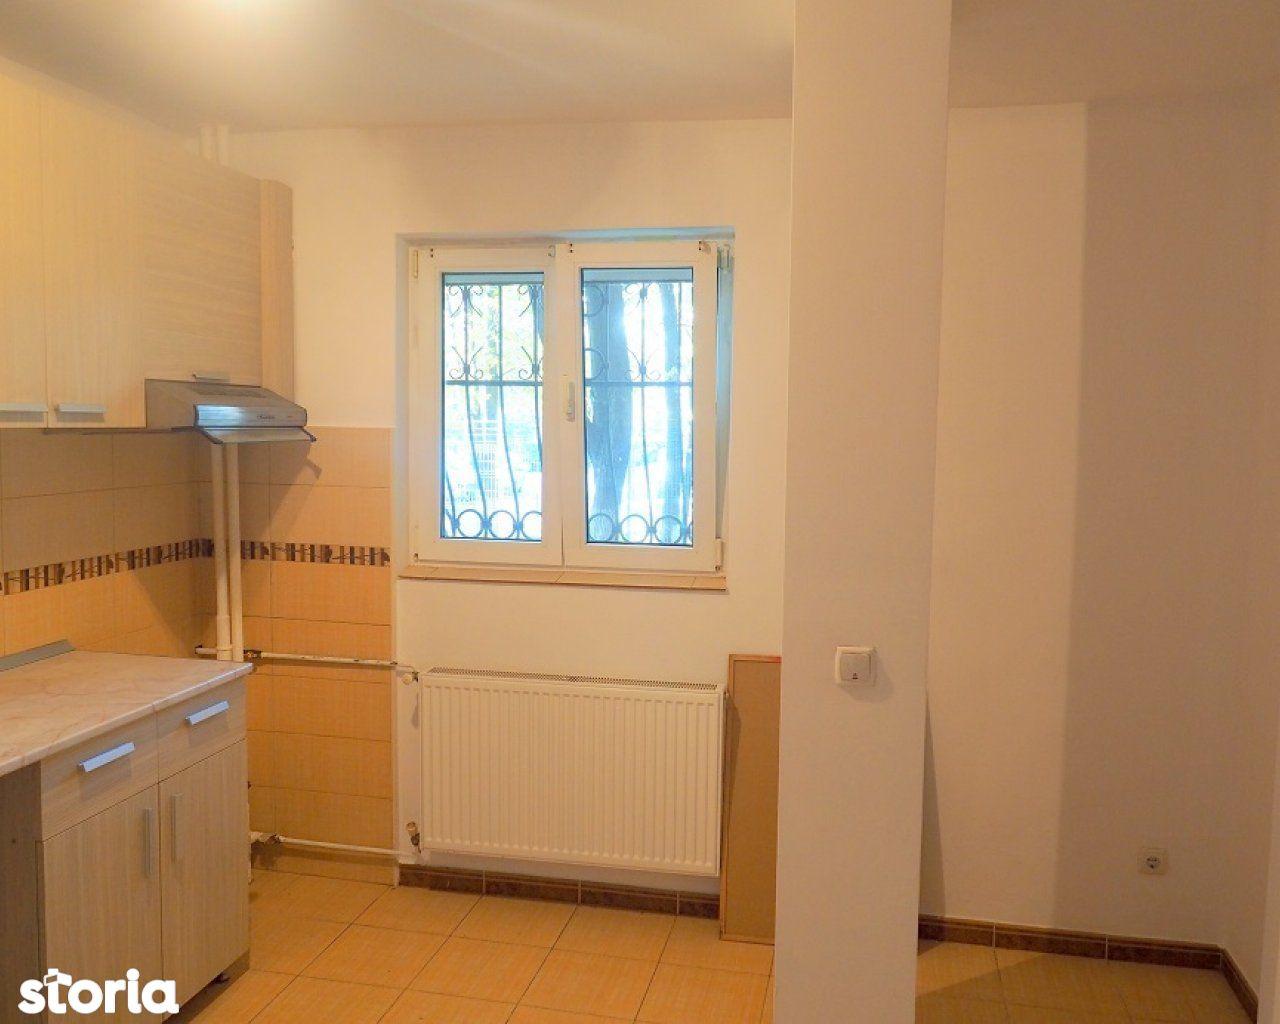 Apartament de vanzare, București (judet), Aleea Trestiana - Foto 9